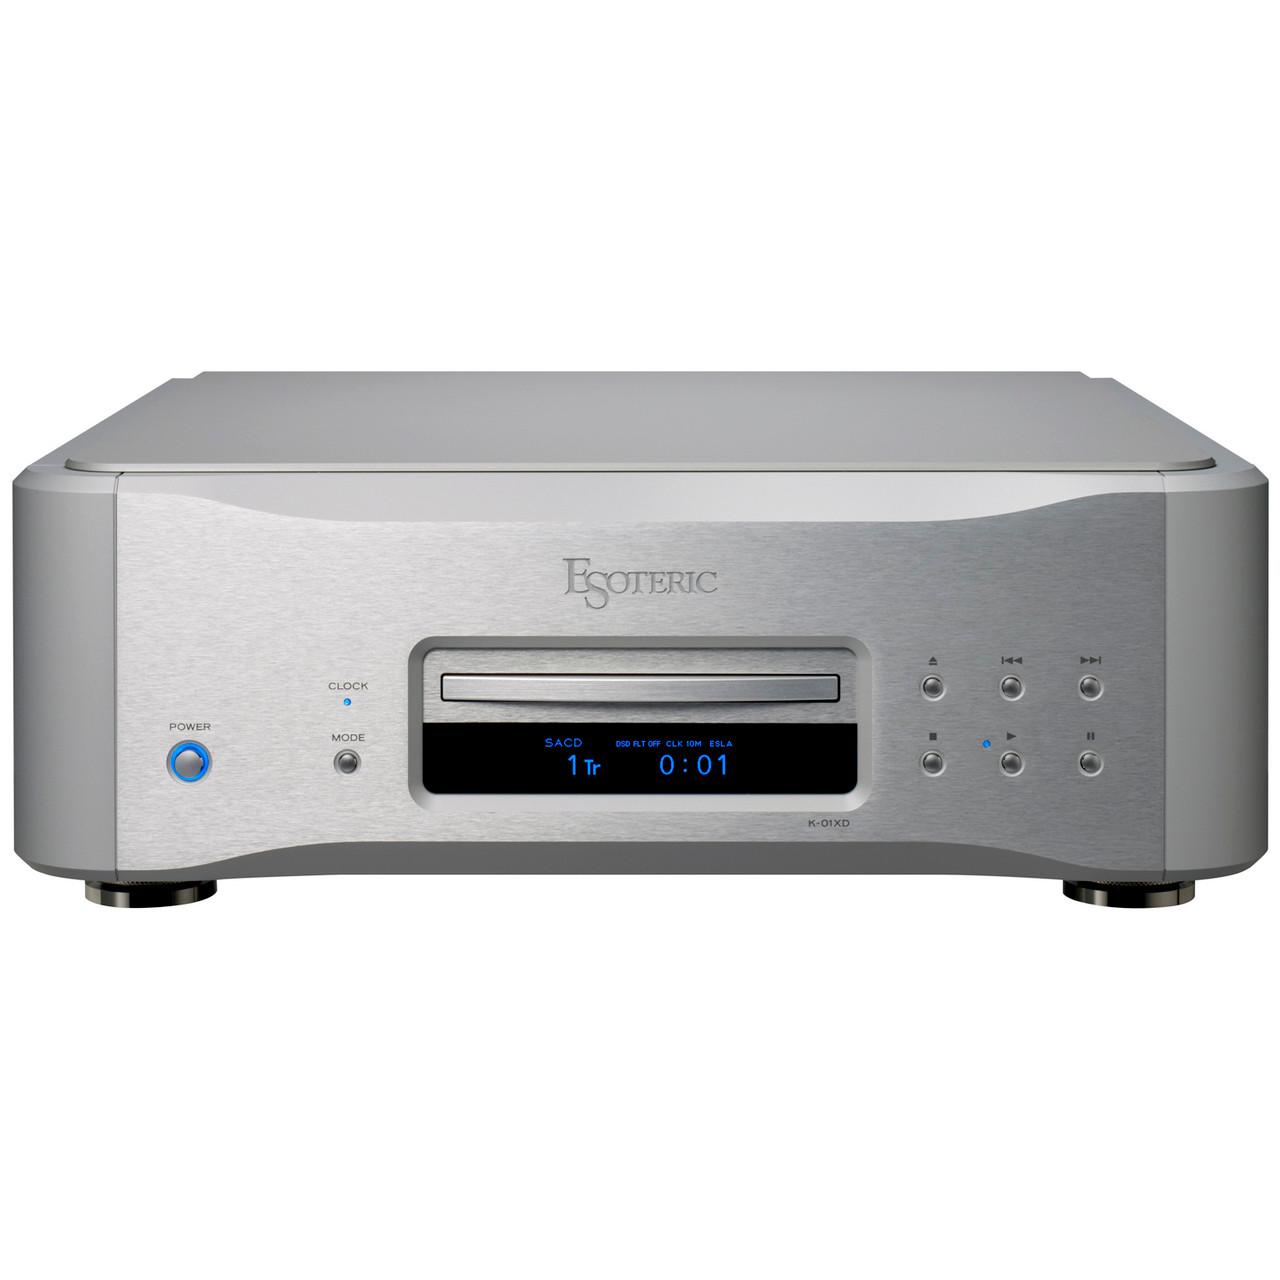 Esoteric K-01XD SACD Player